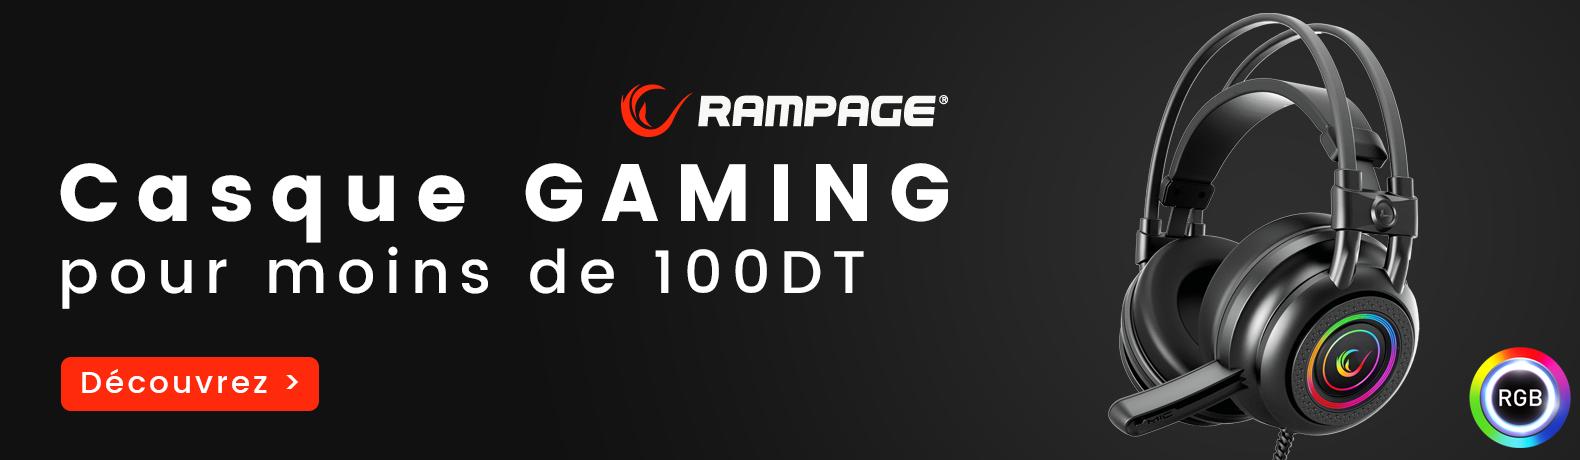 Casque Gaming Tunisie Moins 100dt